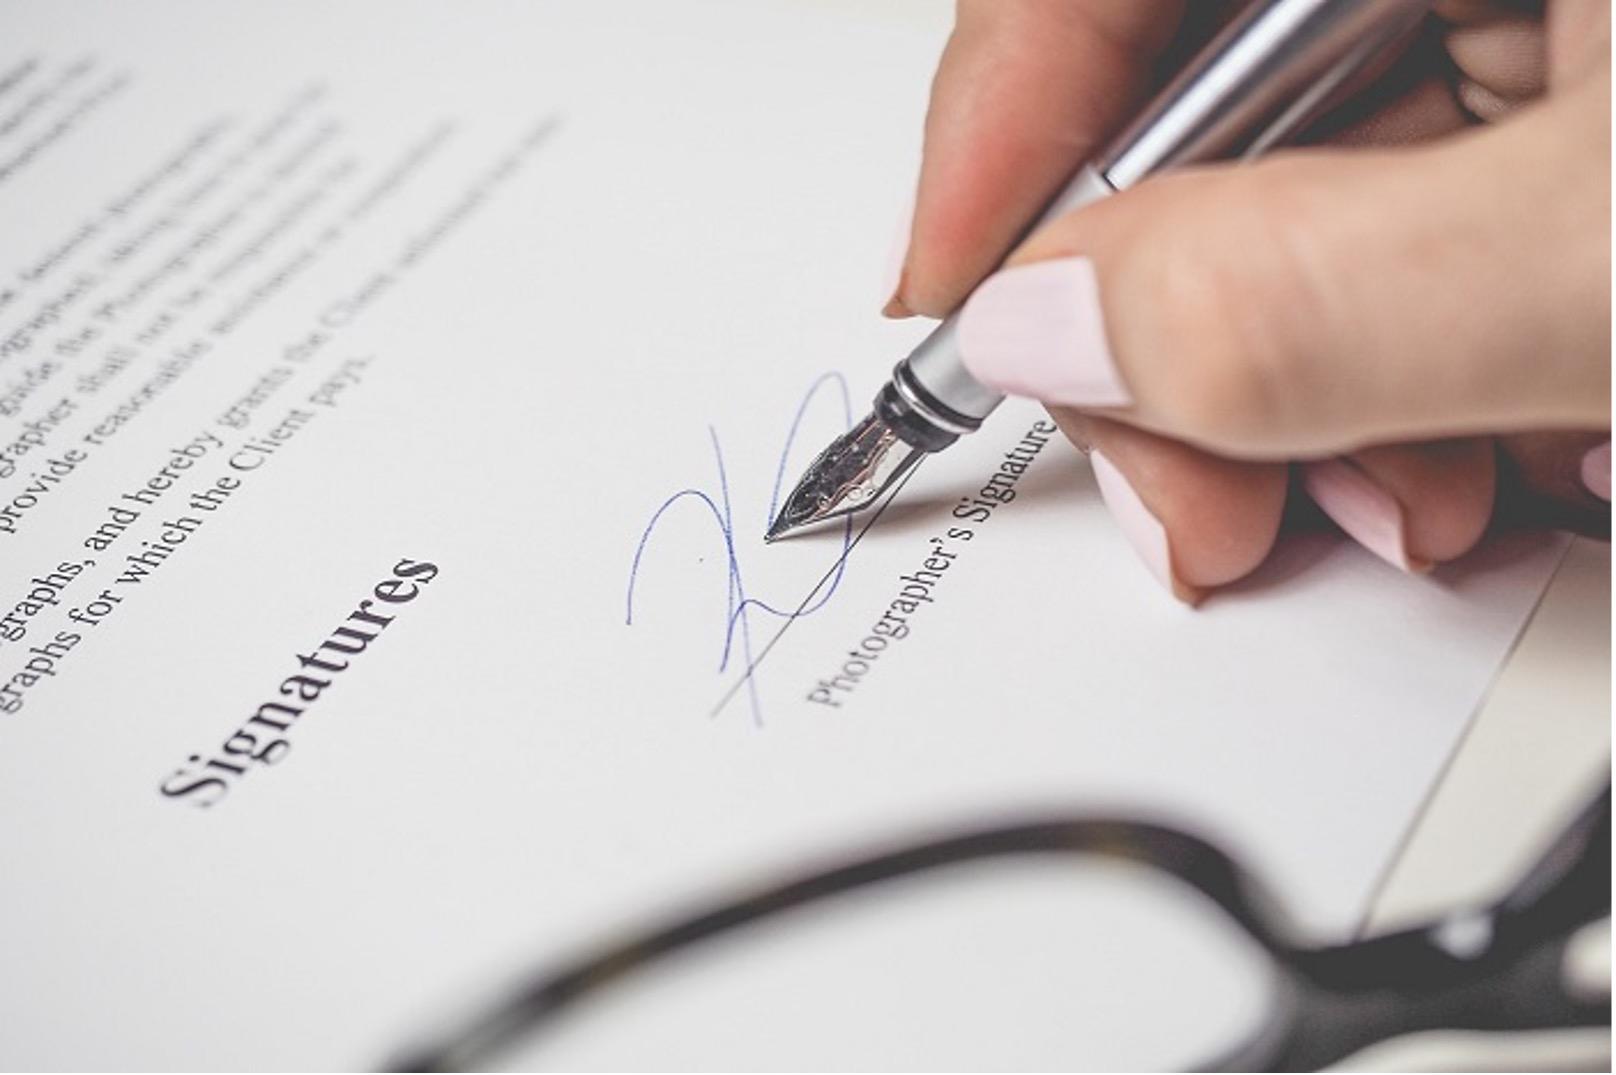 Sobre los derechos del arrendatario y la culminación del contrato